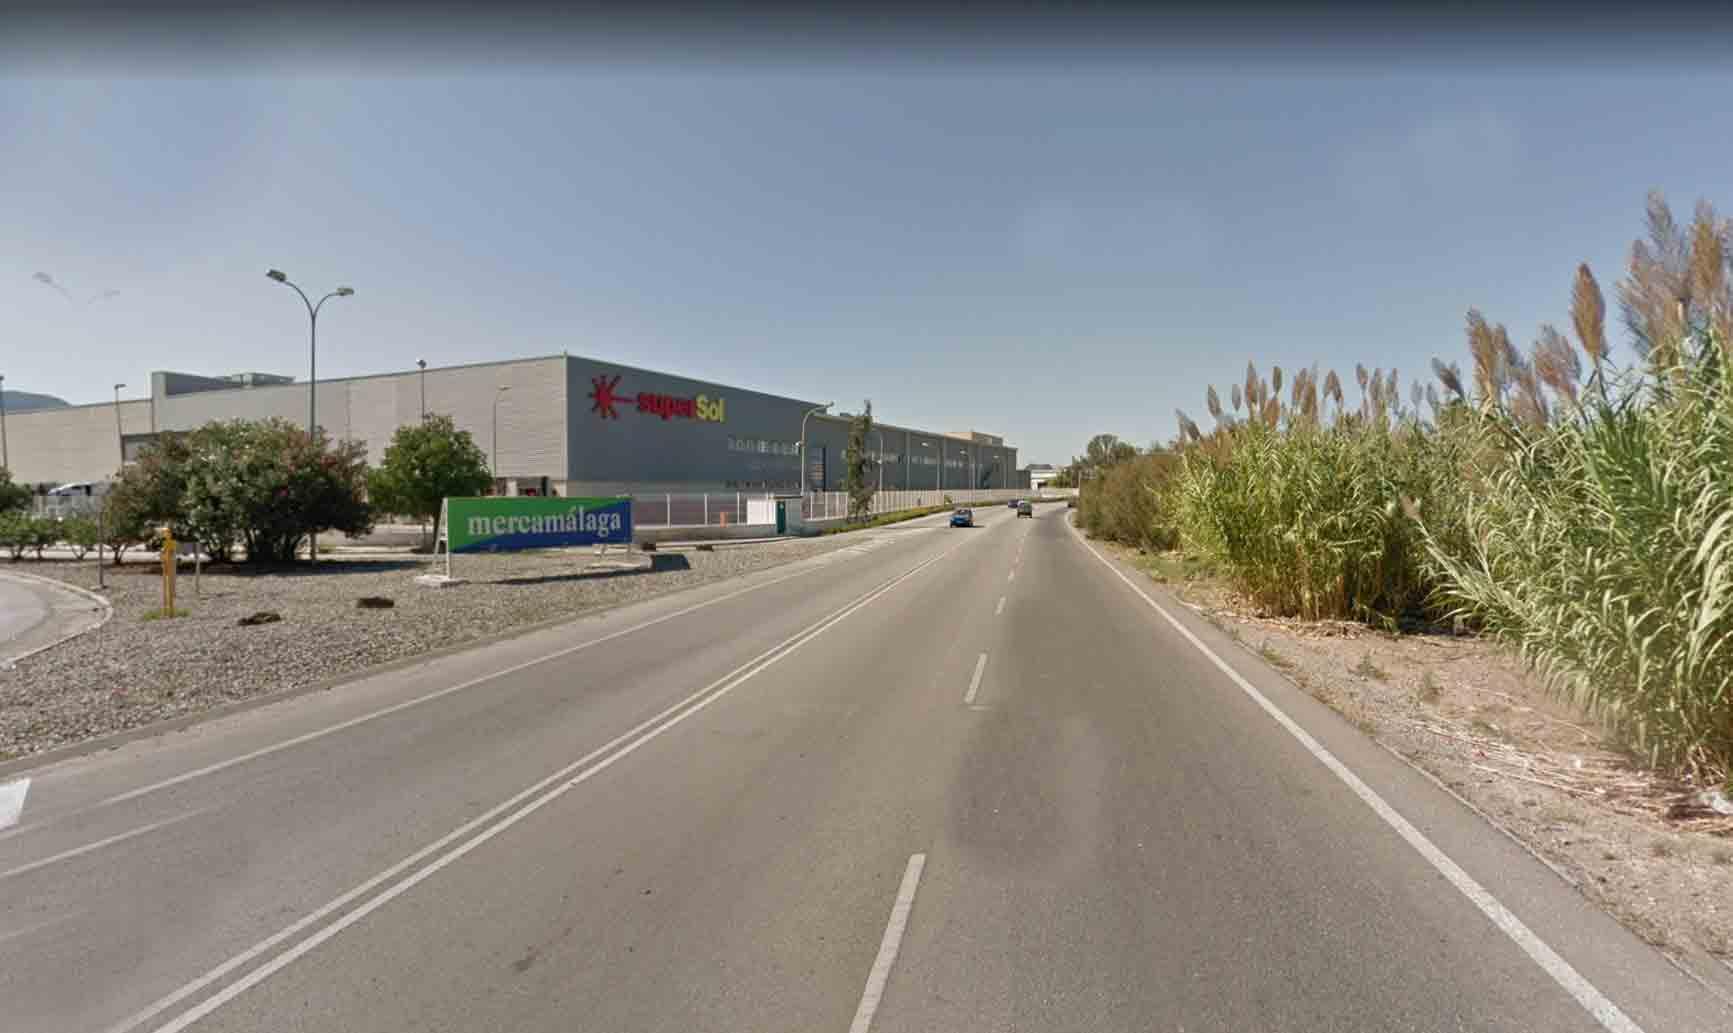 Grupo Eulen Buscamos 30 mozos de almacén para centro logístico en Málaga